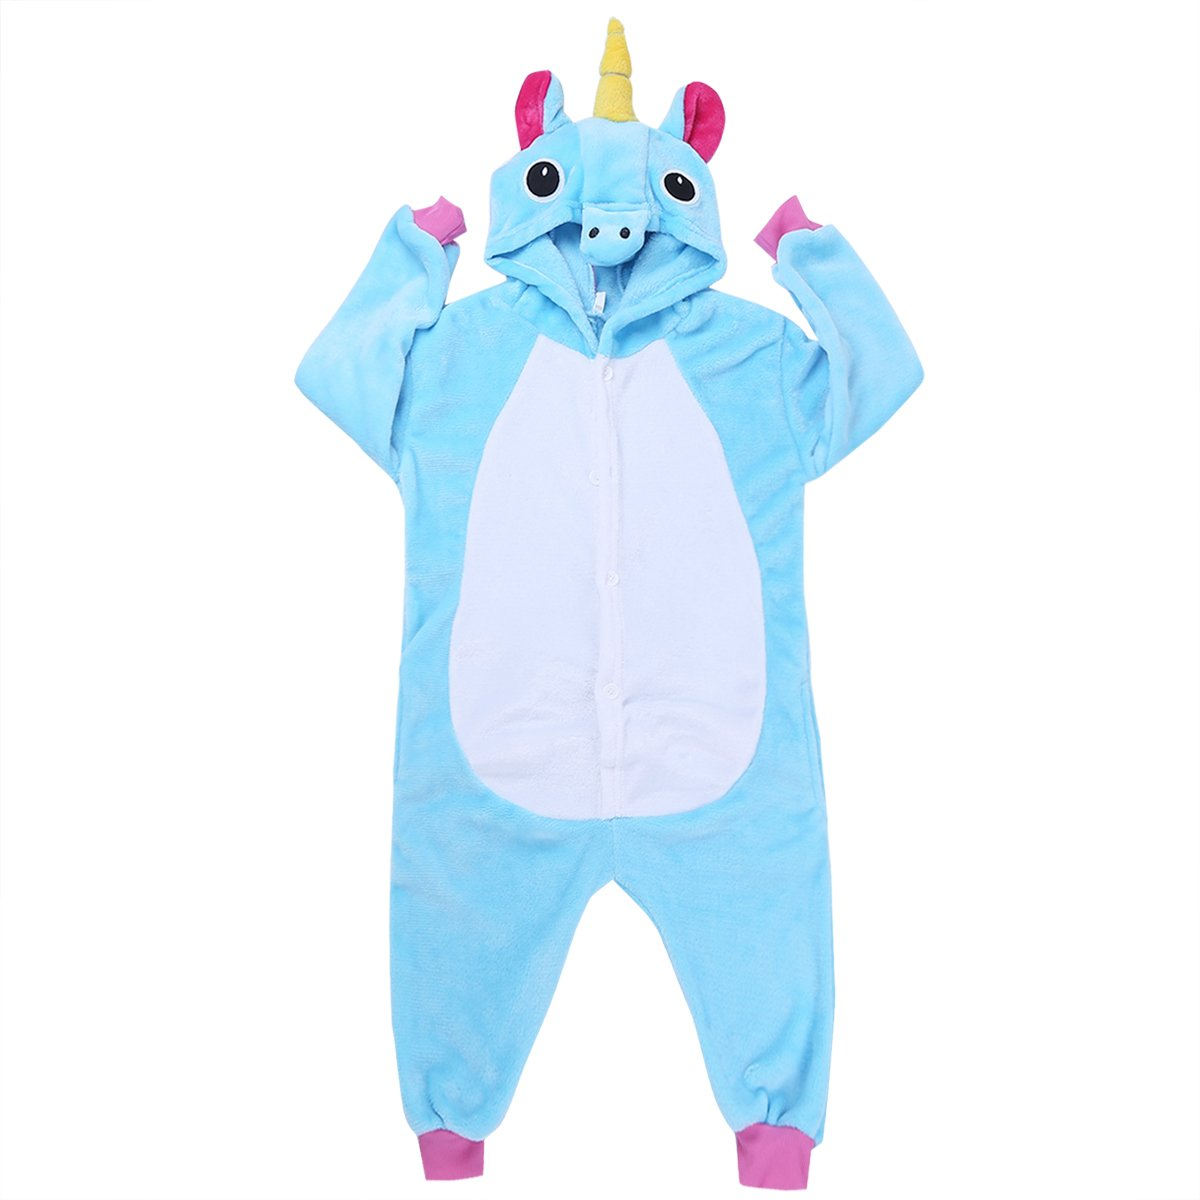 iEFiEL Pijama Divertido para Niño Niña Unisex Disfraces de Animal Mono Pijama con Capacha Invierno Otoño Confortable Calentito: Amazon.es: Ropa y accesorios